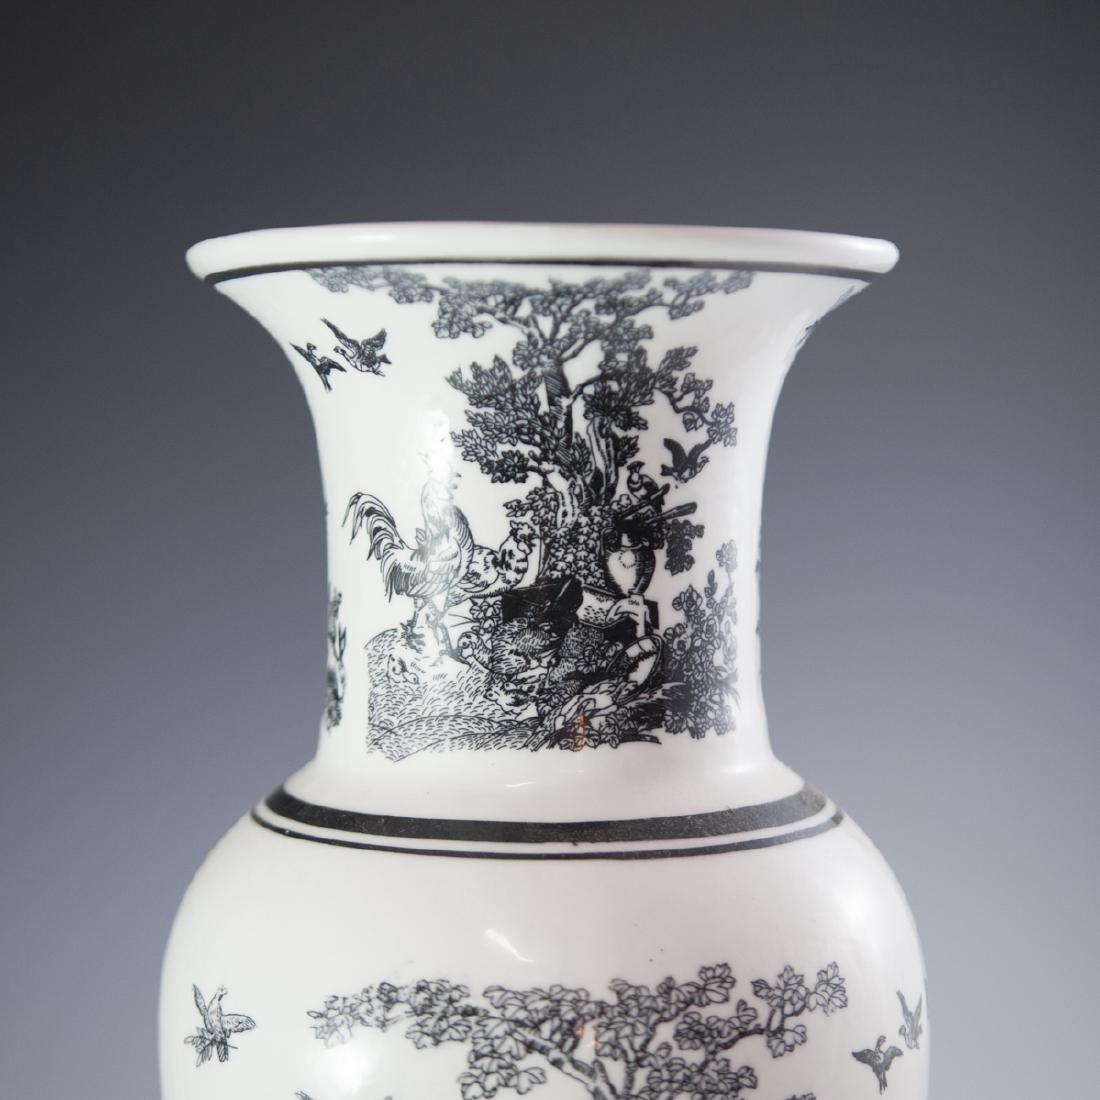 Decorative Chinese Porcelain Vase - 2